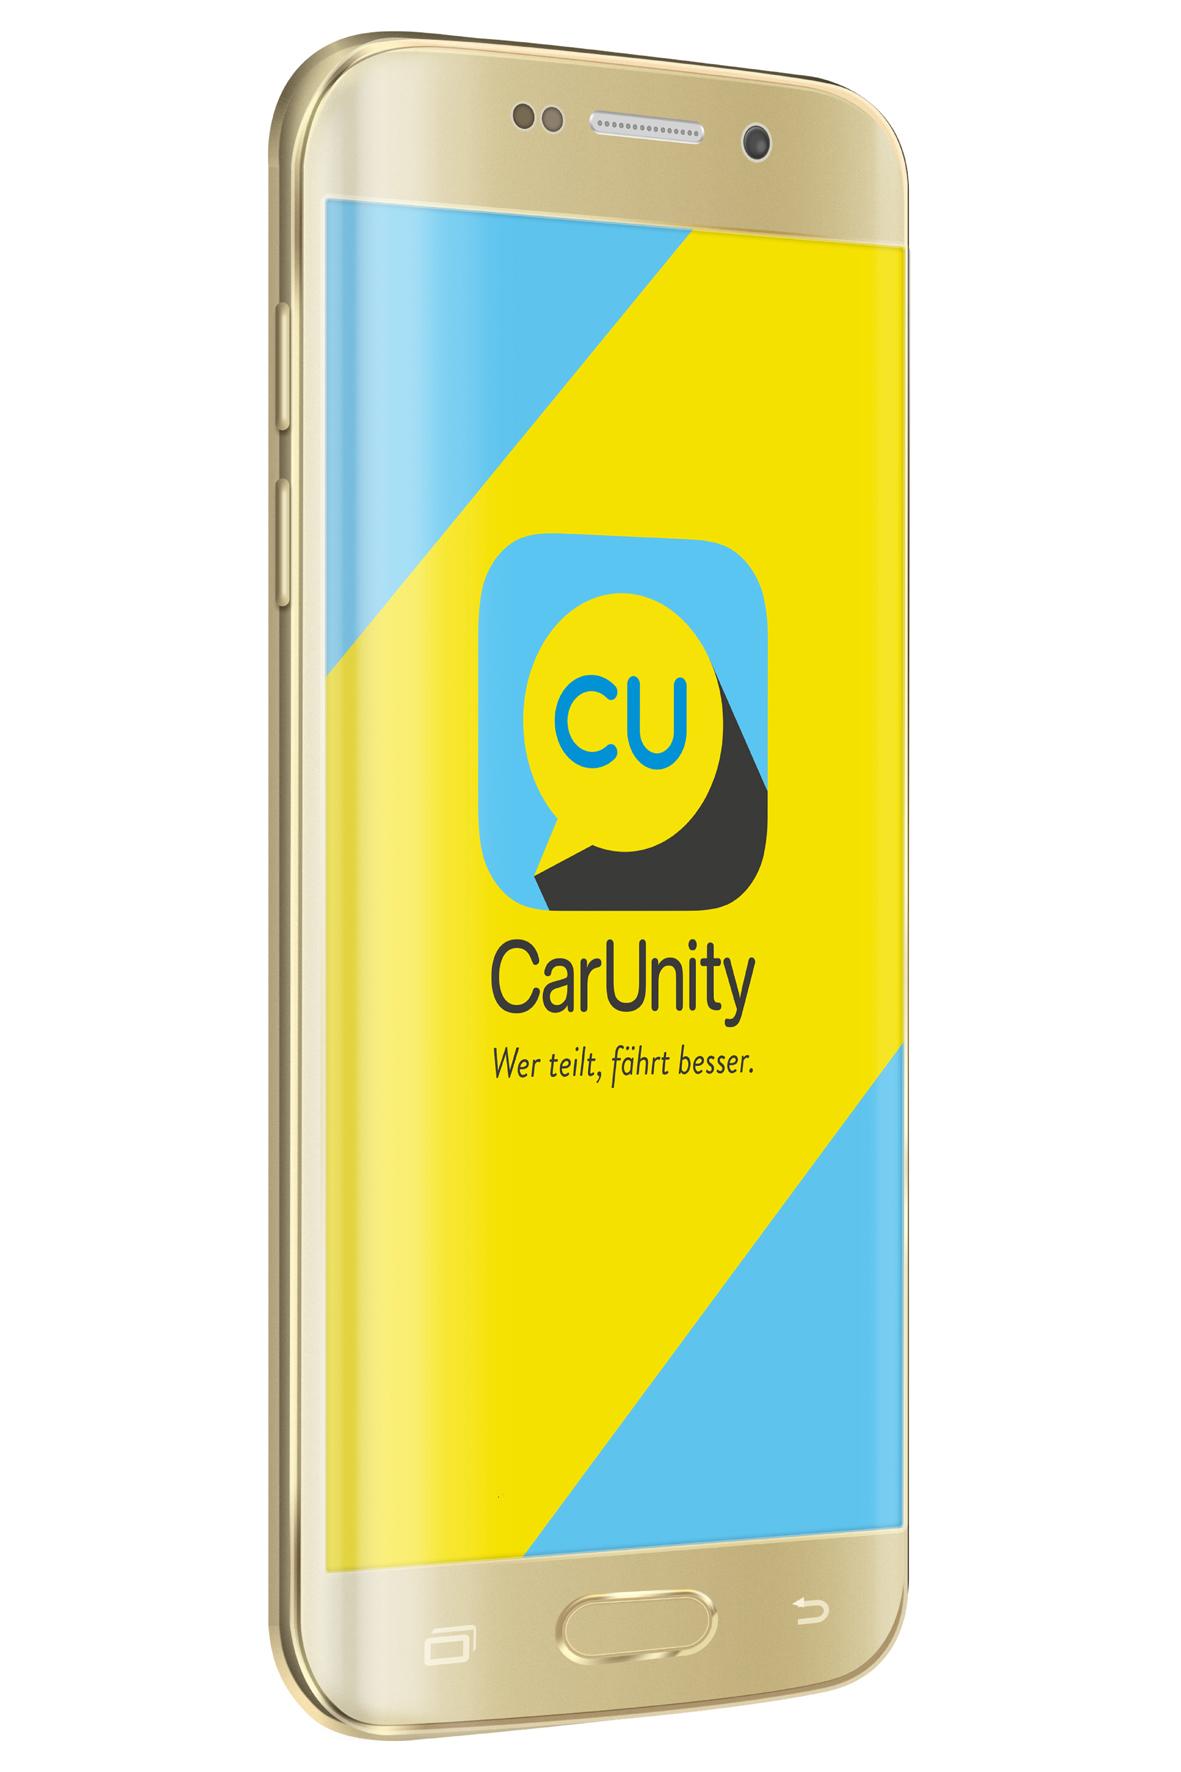 mid Düsseldorf - Die neue CarUnity-App von Opel soll Carsharing und Mitfahr-Gelegenheiten verbinden. Für die Umsetzung der Mitfahr-Funktion arbeitet der Autobauer mit dem Netzwerk flinc zusammen.